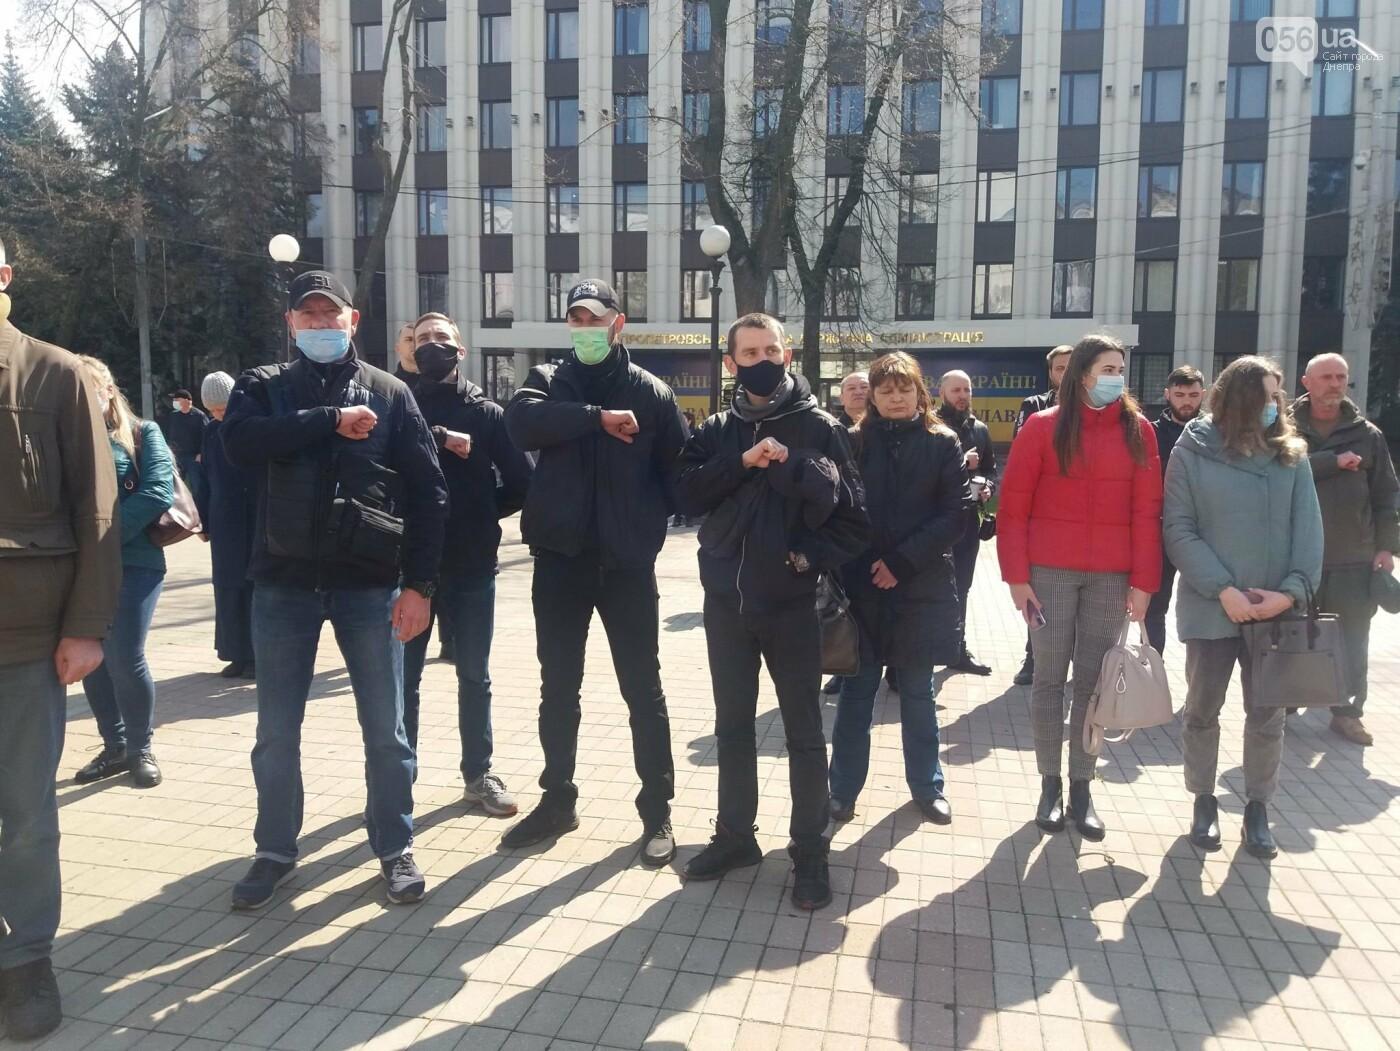 Днепровские активисты требуют лишить депутатского мандата и должности Геннадия Гуфмана: реакция политика, фото-14